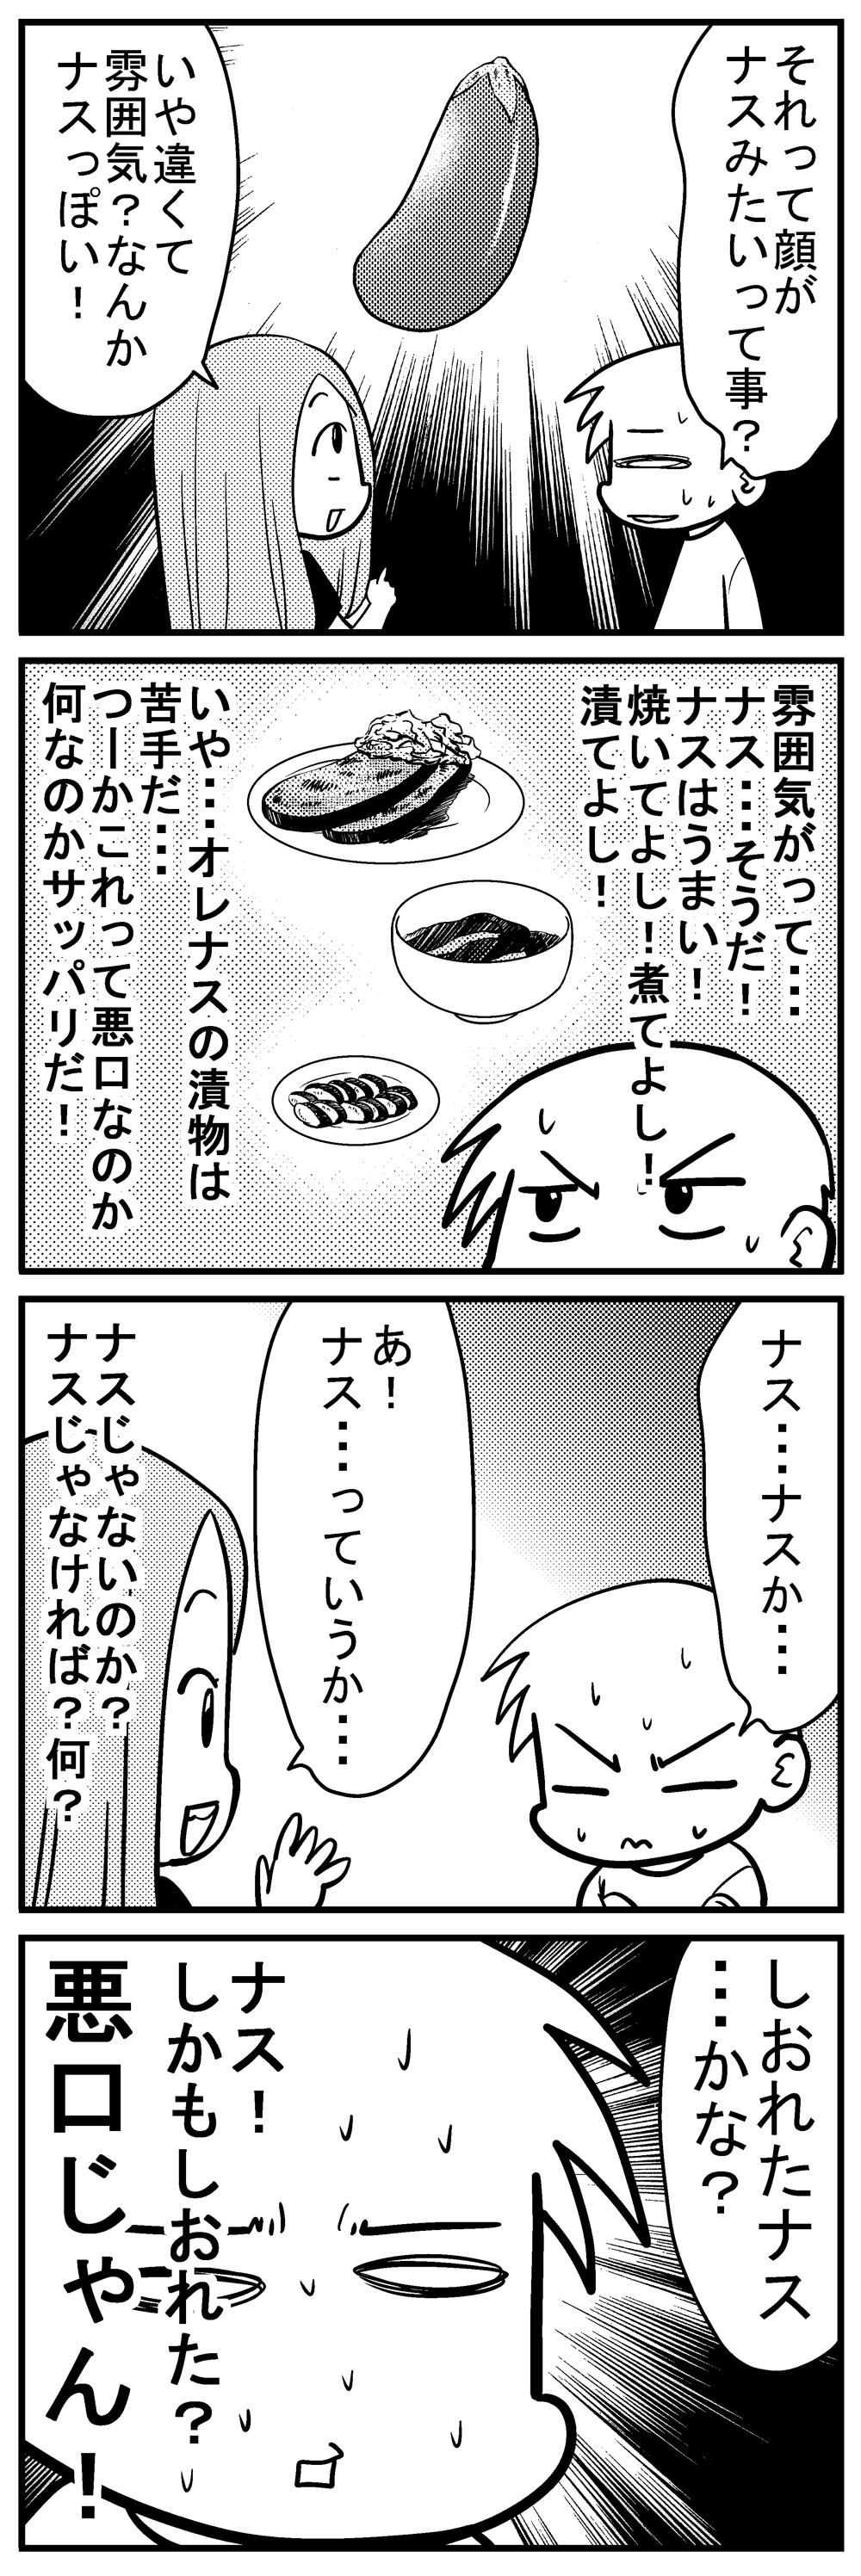 深読みくん124-2